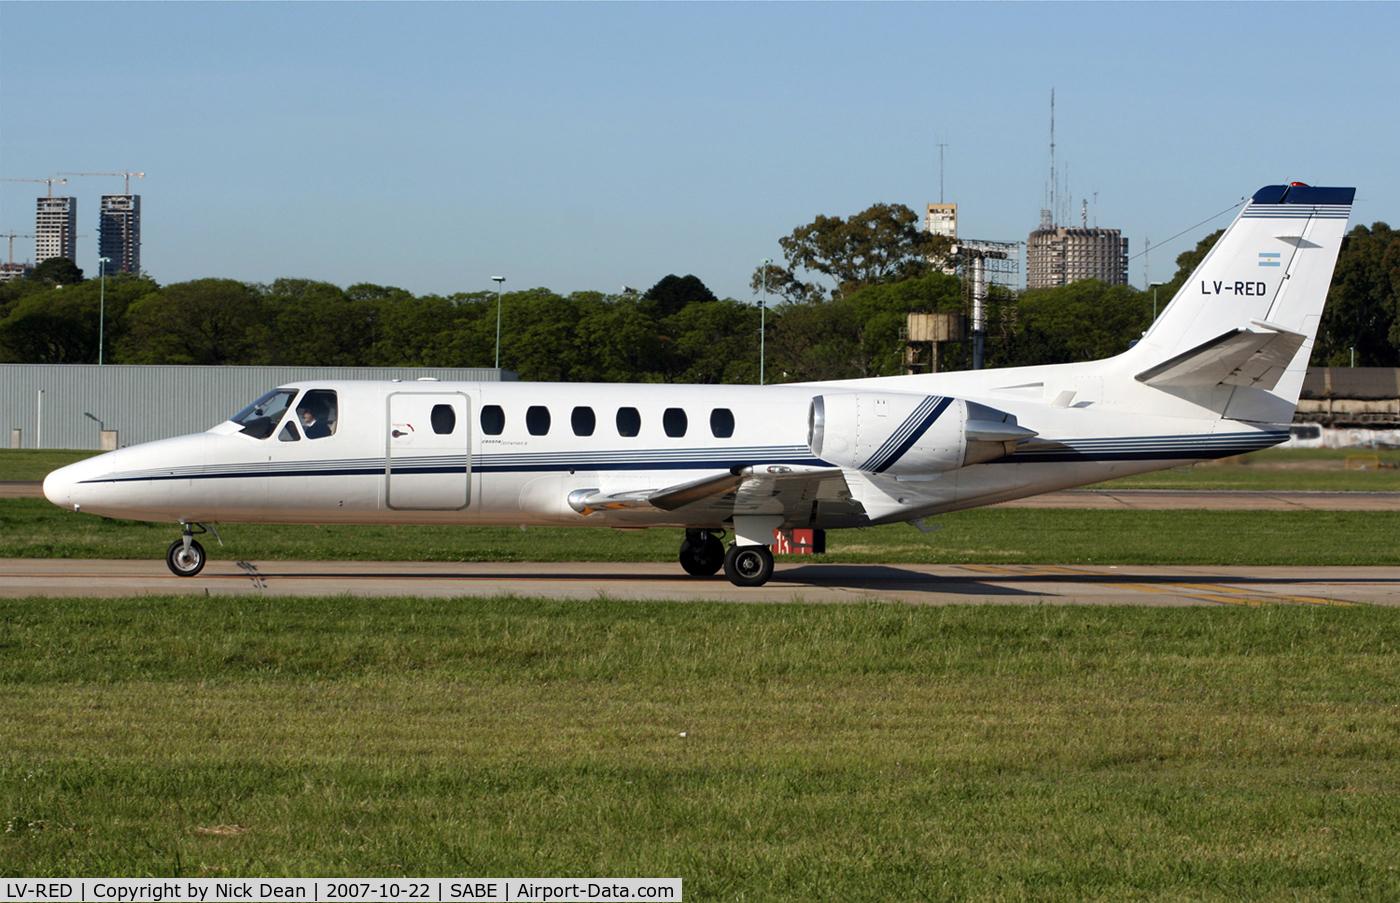 LV-RED, 1991 Cessna 560 Citation V C/N 560-0126, SABE